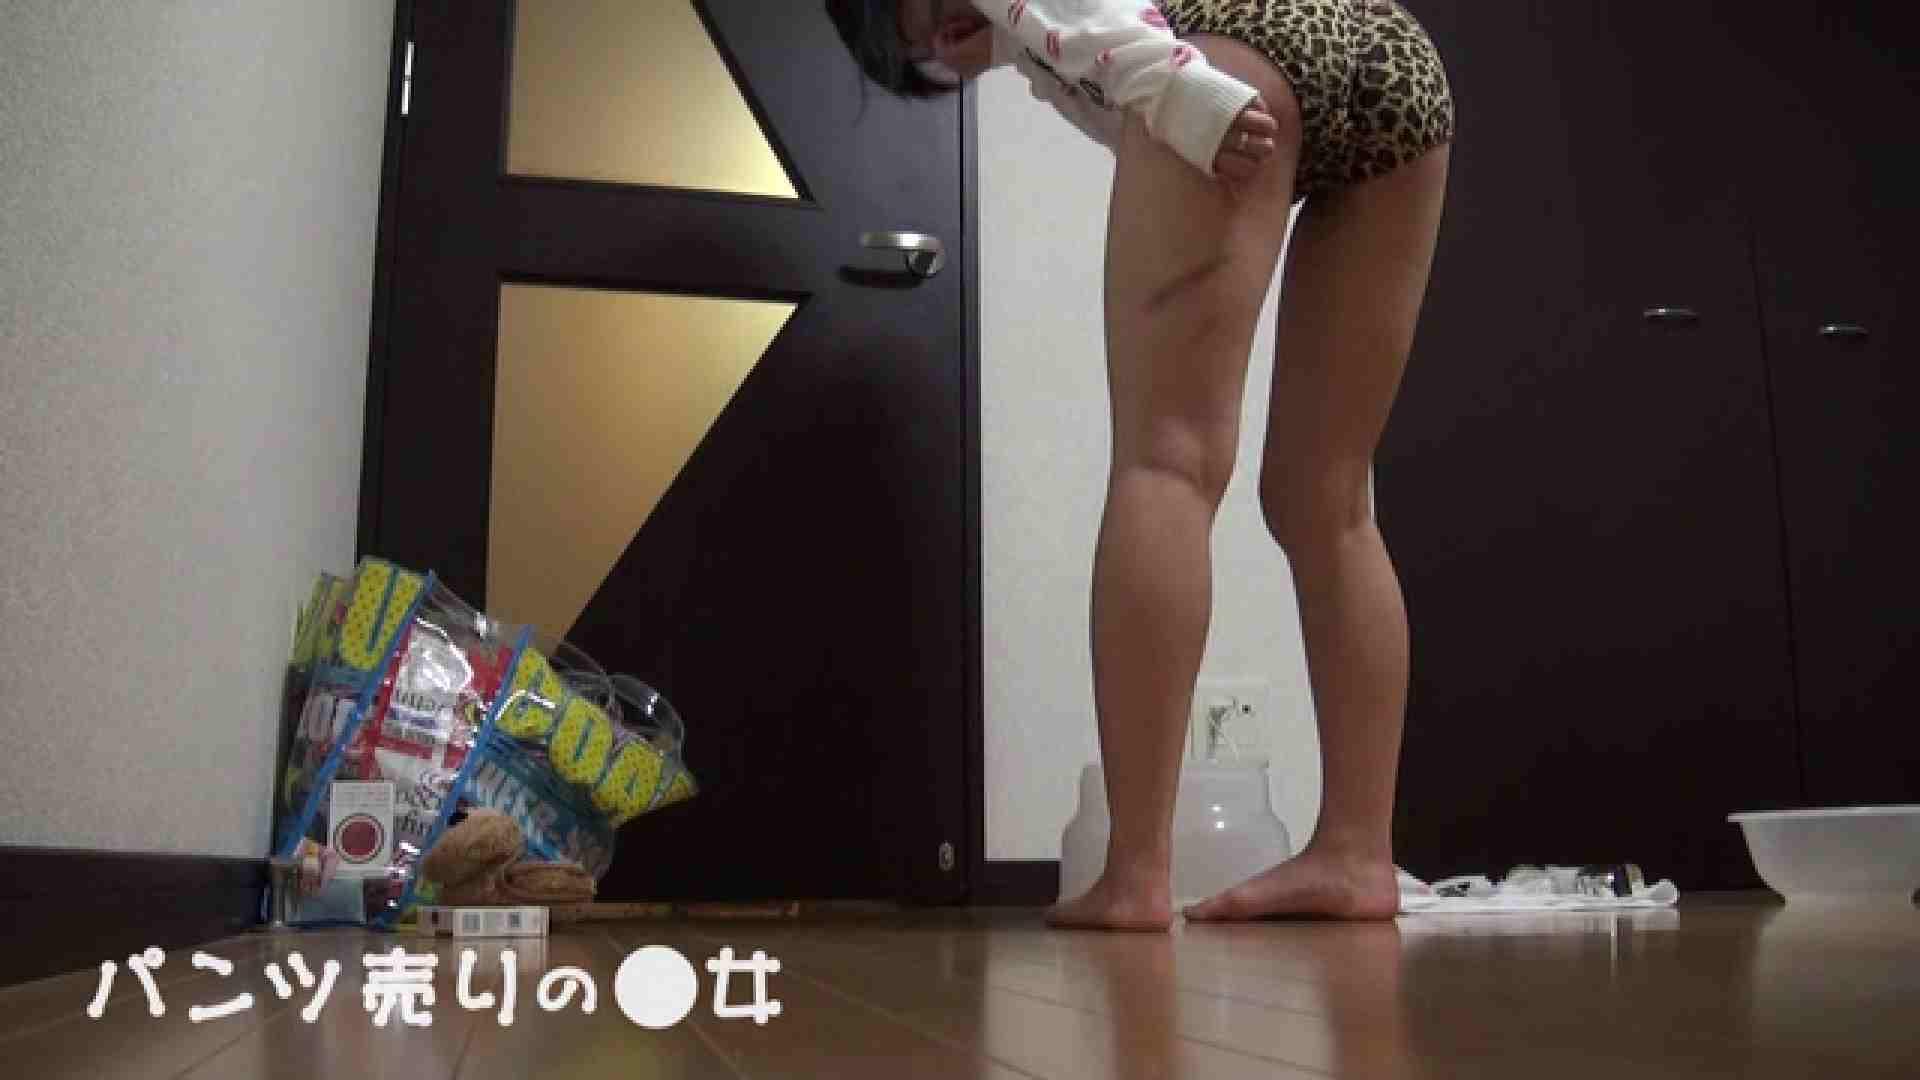 新説 パンツ売りの女の子nana パンツ  103連発 88